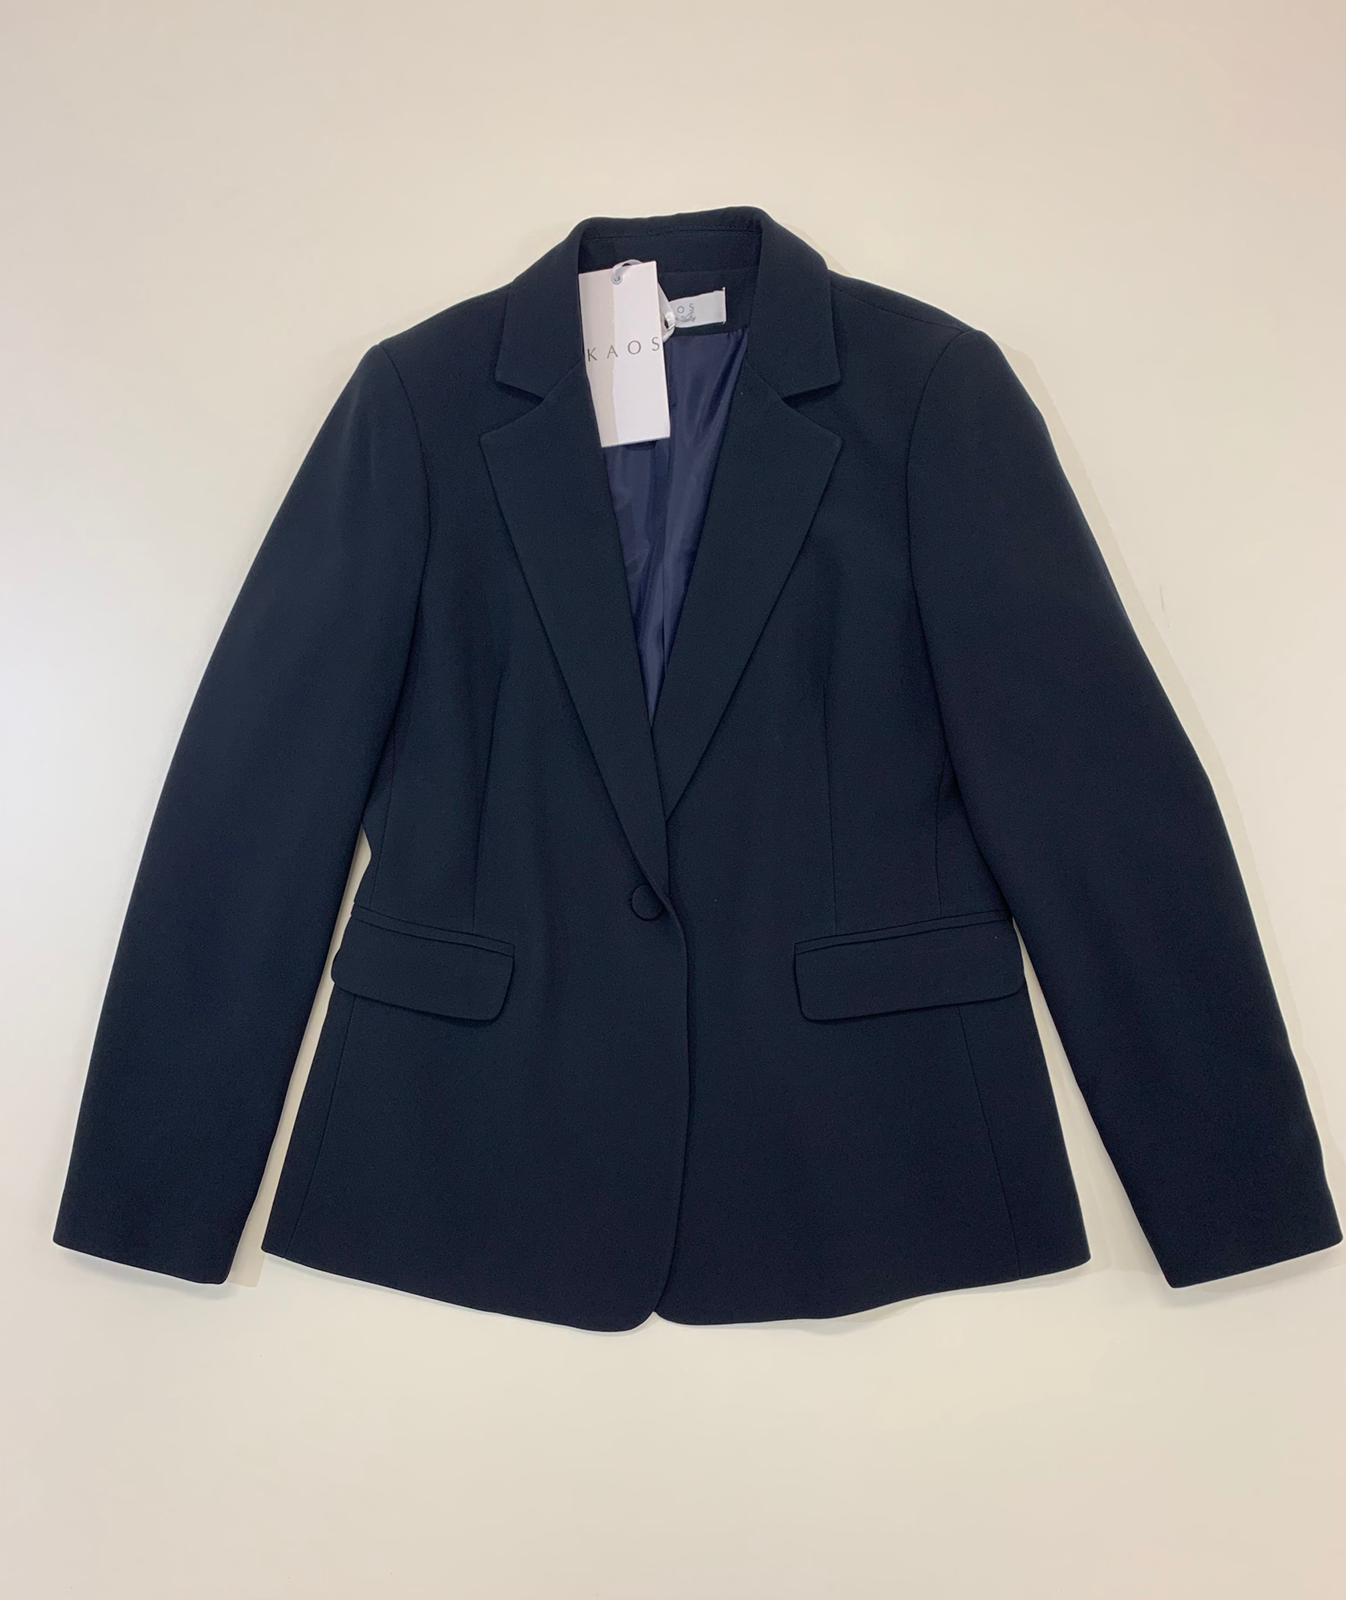 Giacca Donna Kaos Collection Cadi Blu